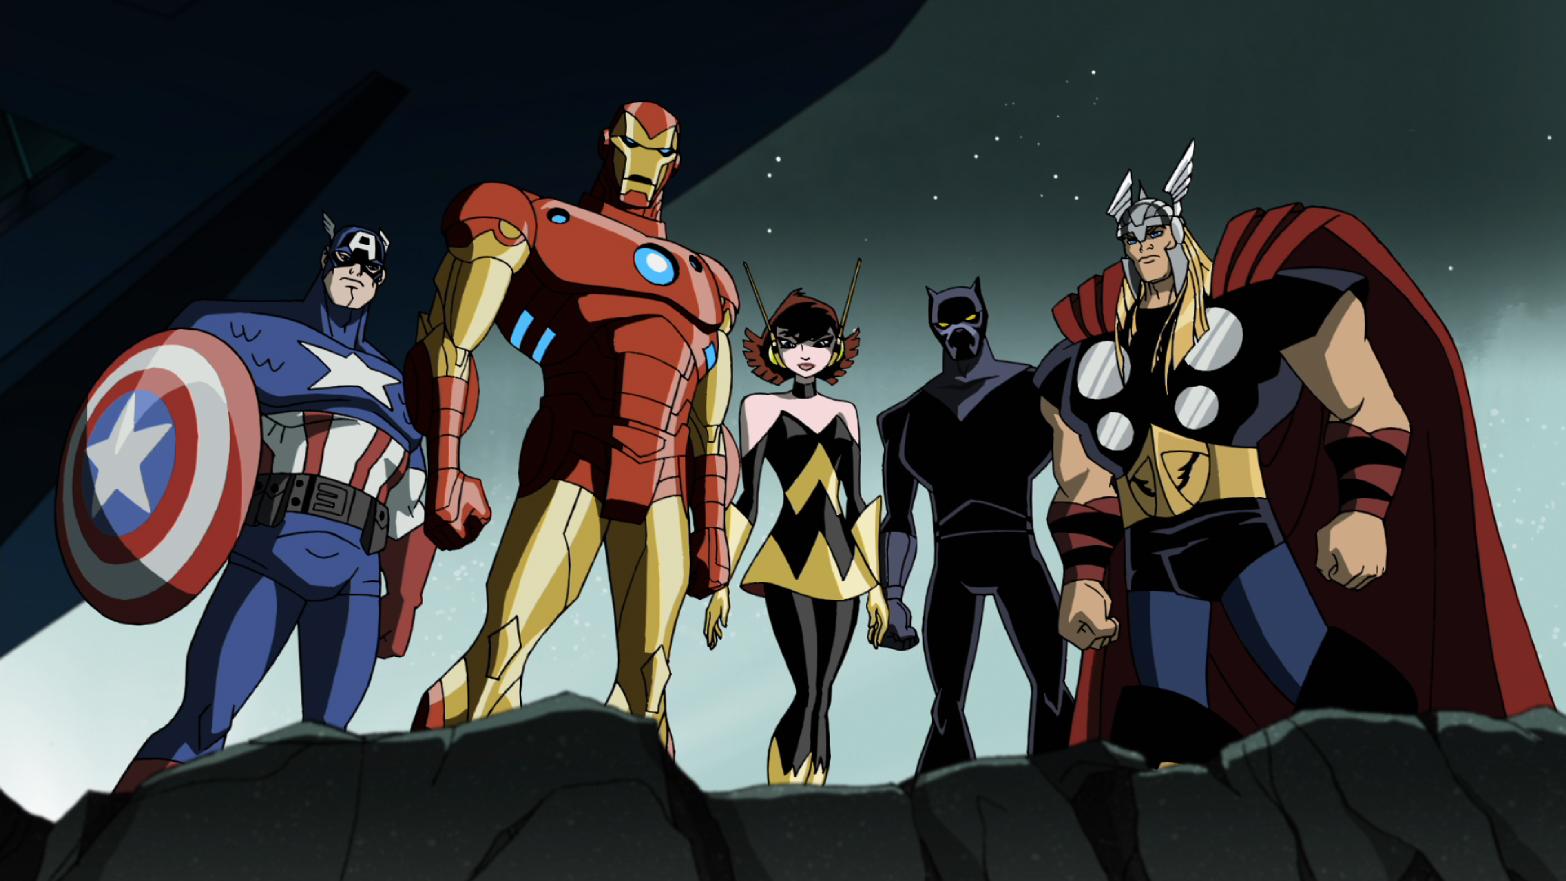 Universo Marvel filmes animados animação